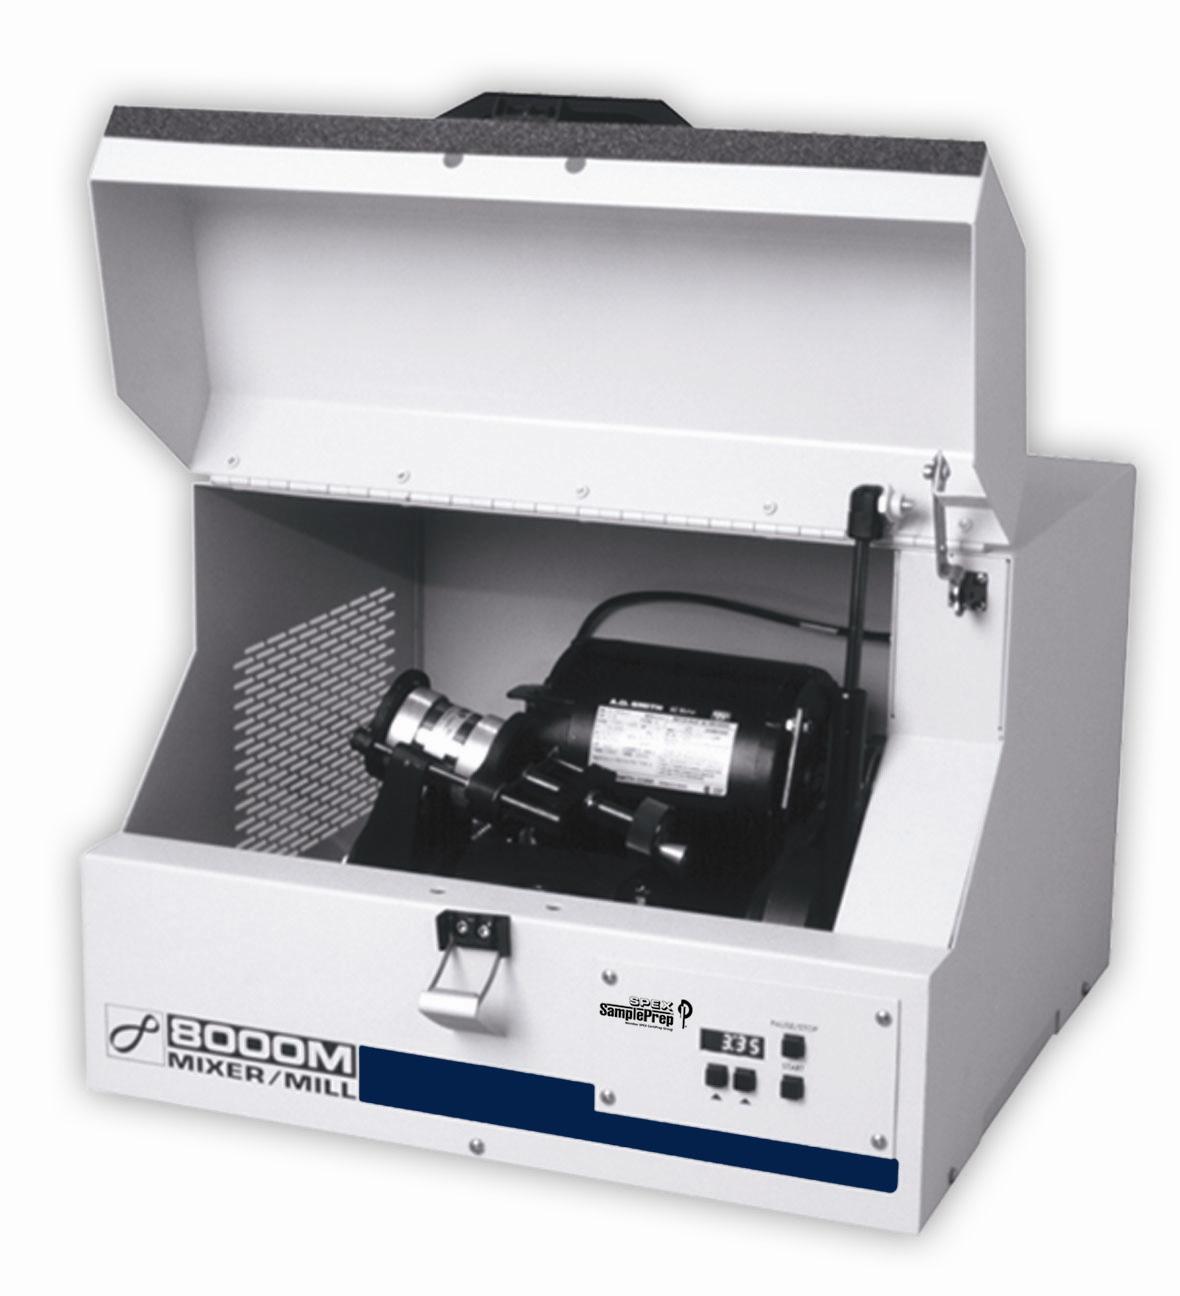 spex-8000m-mixer-mill